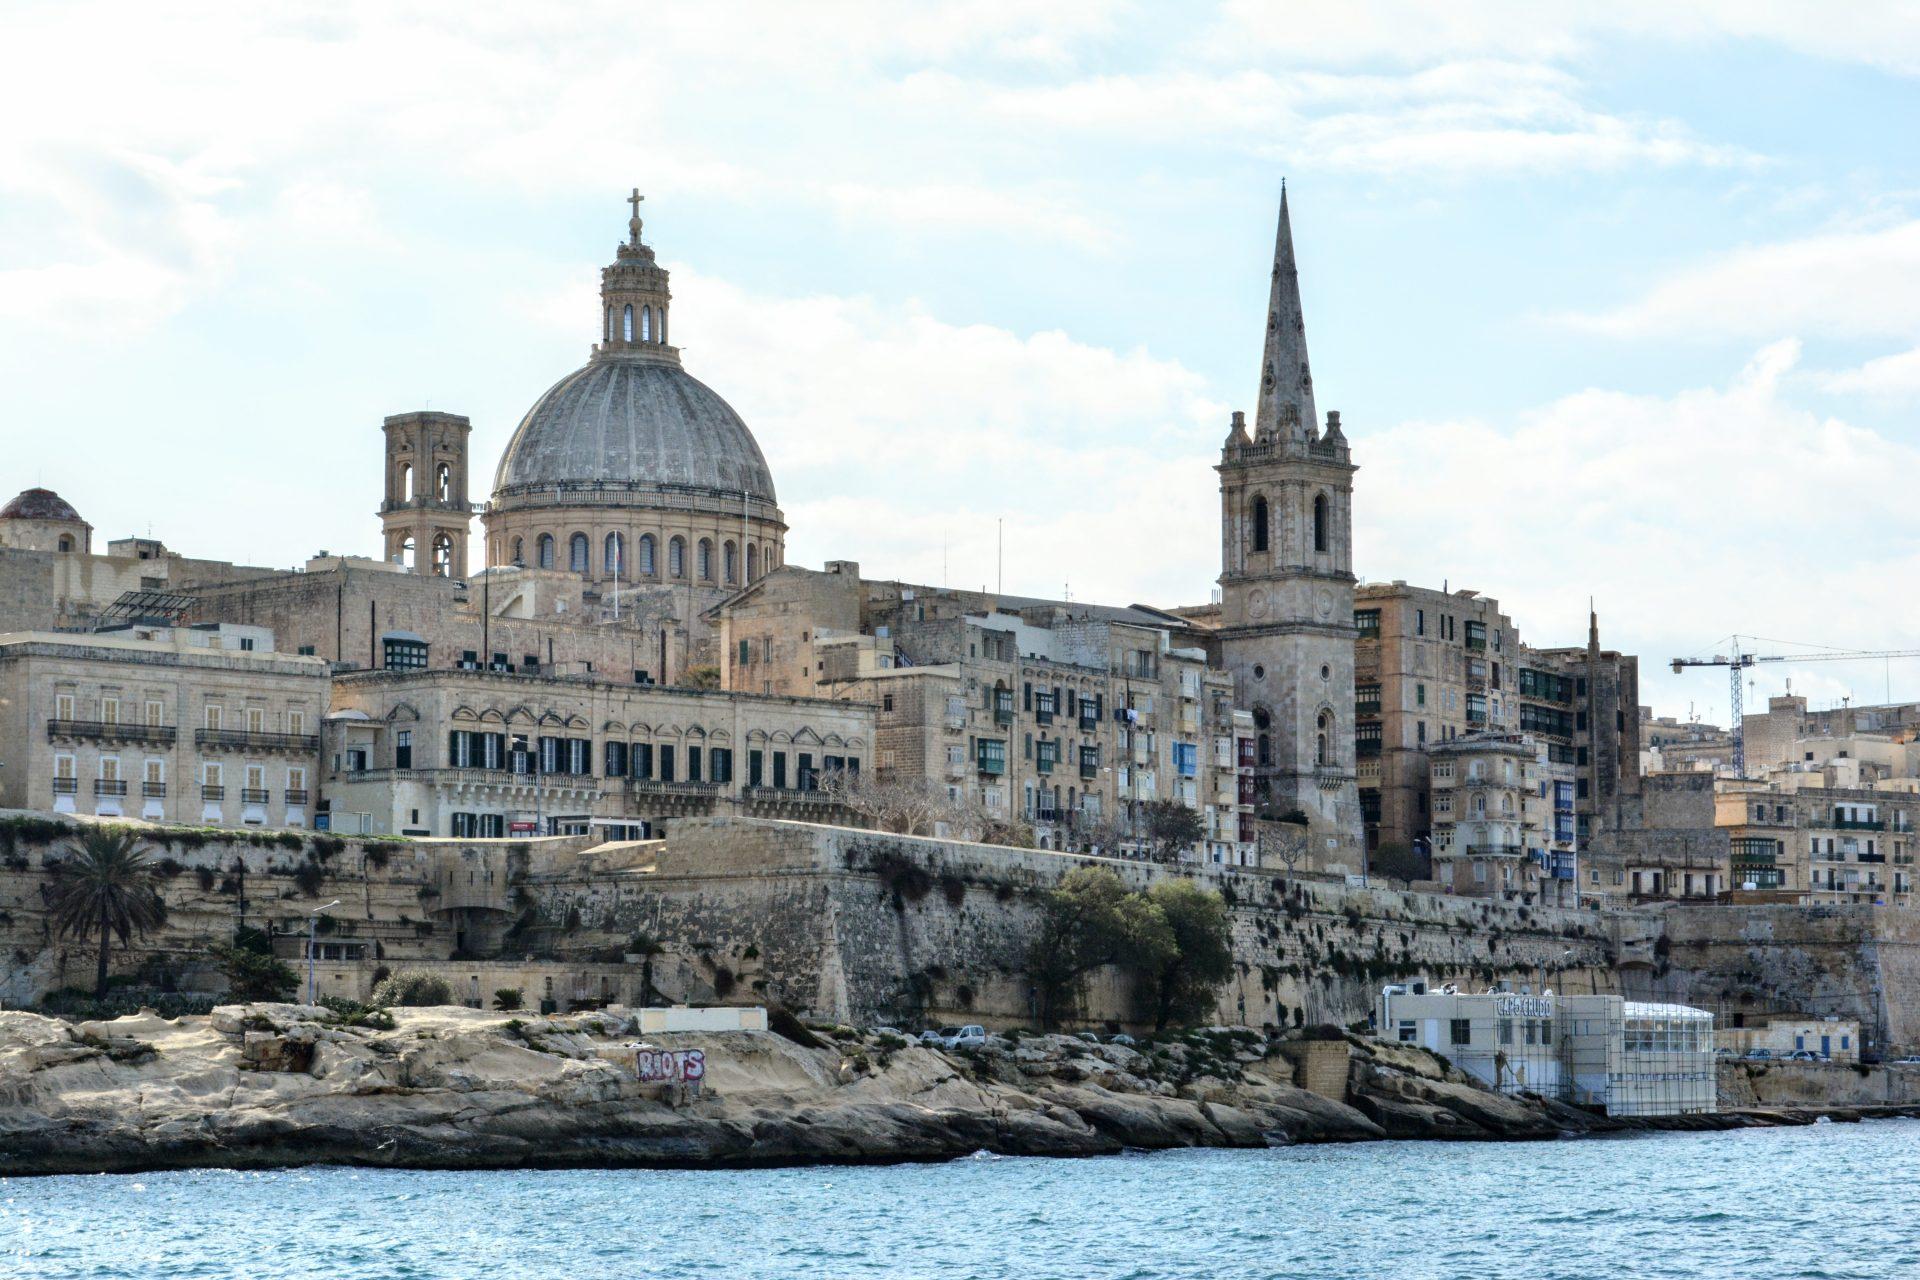 Валлетта, купол церкви Кармелитов и башню собора Святого Павла